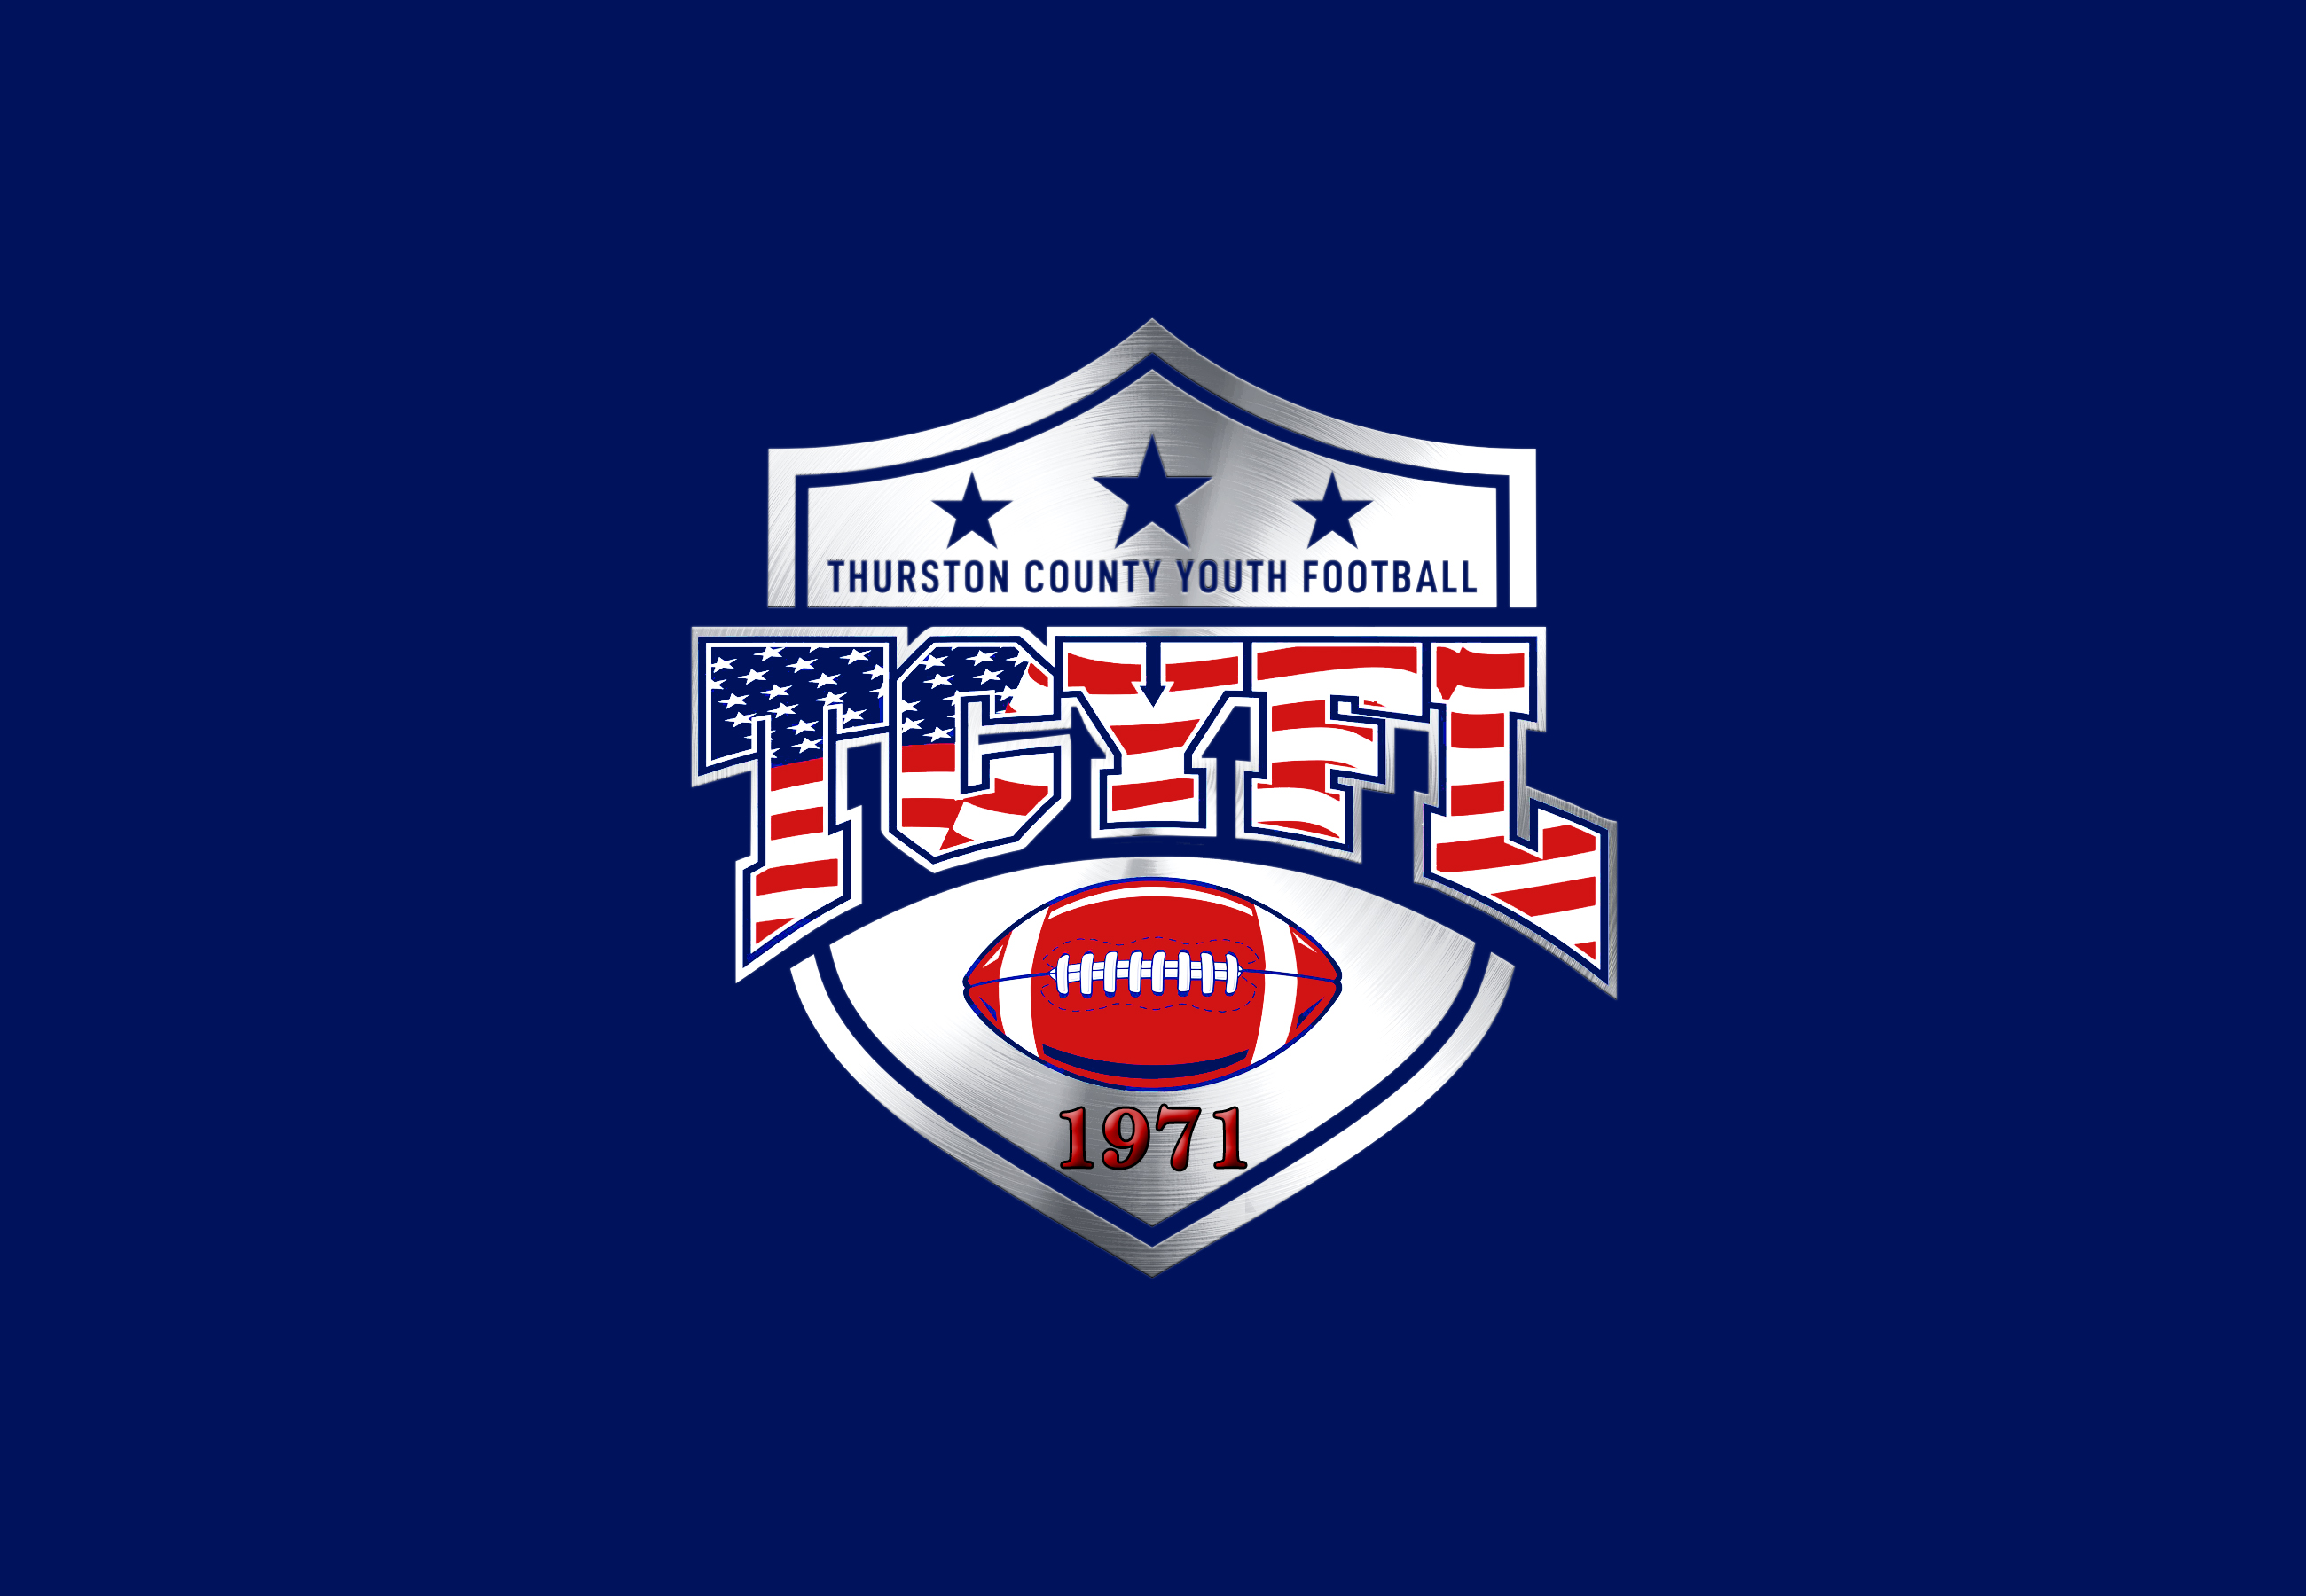 Thurston County Youth Football League Logo